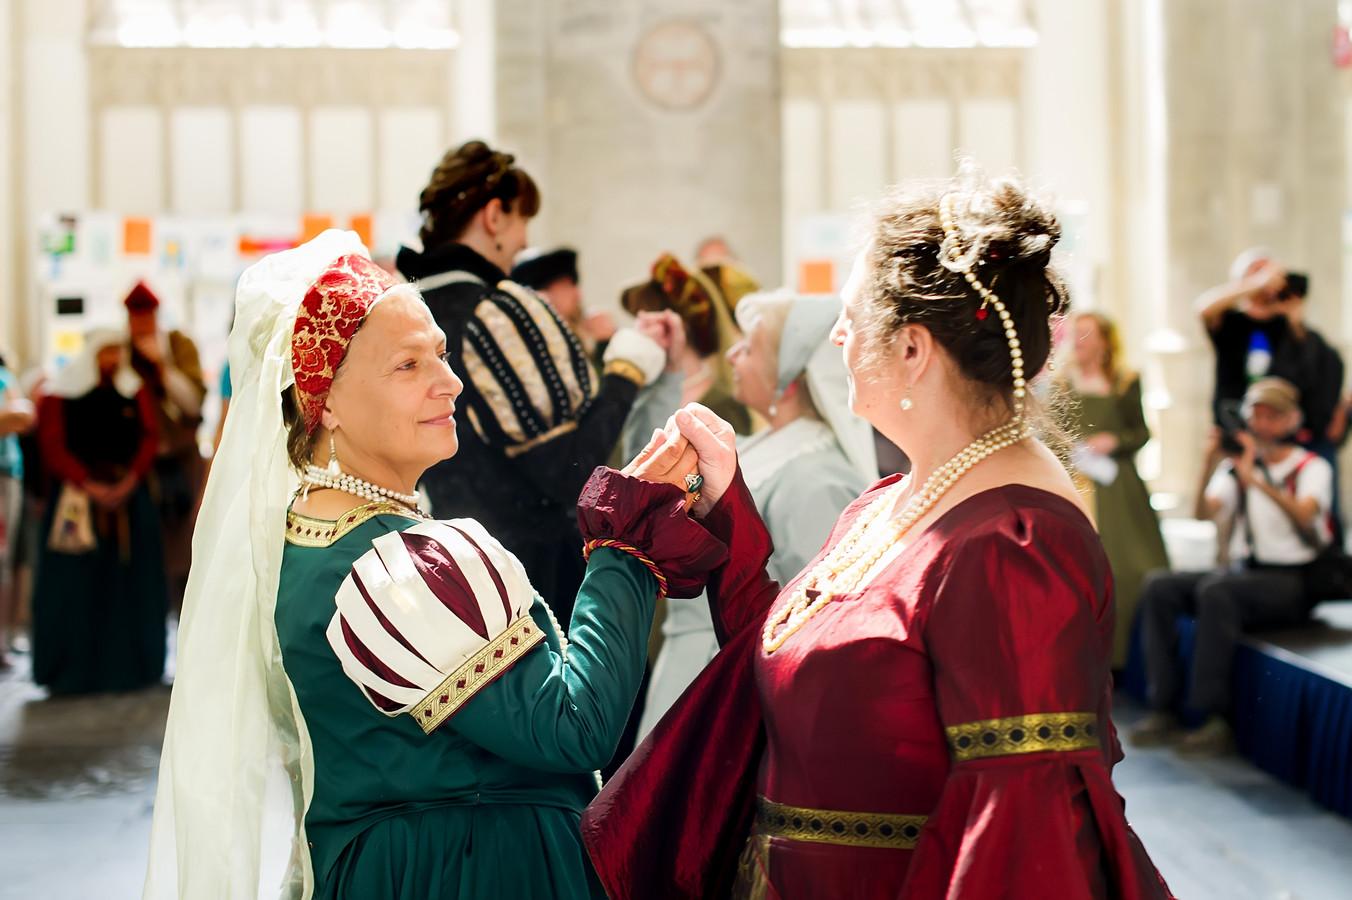 Dansgroep Passi laat historische dansen zien in de grote kerk in het kader van de Nassaudag